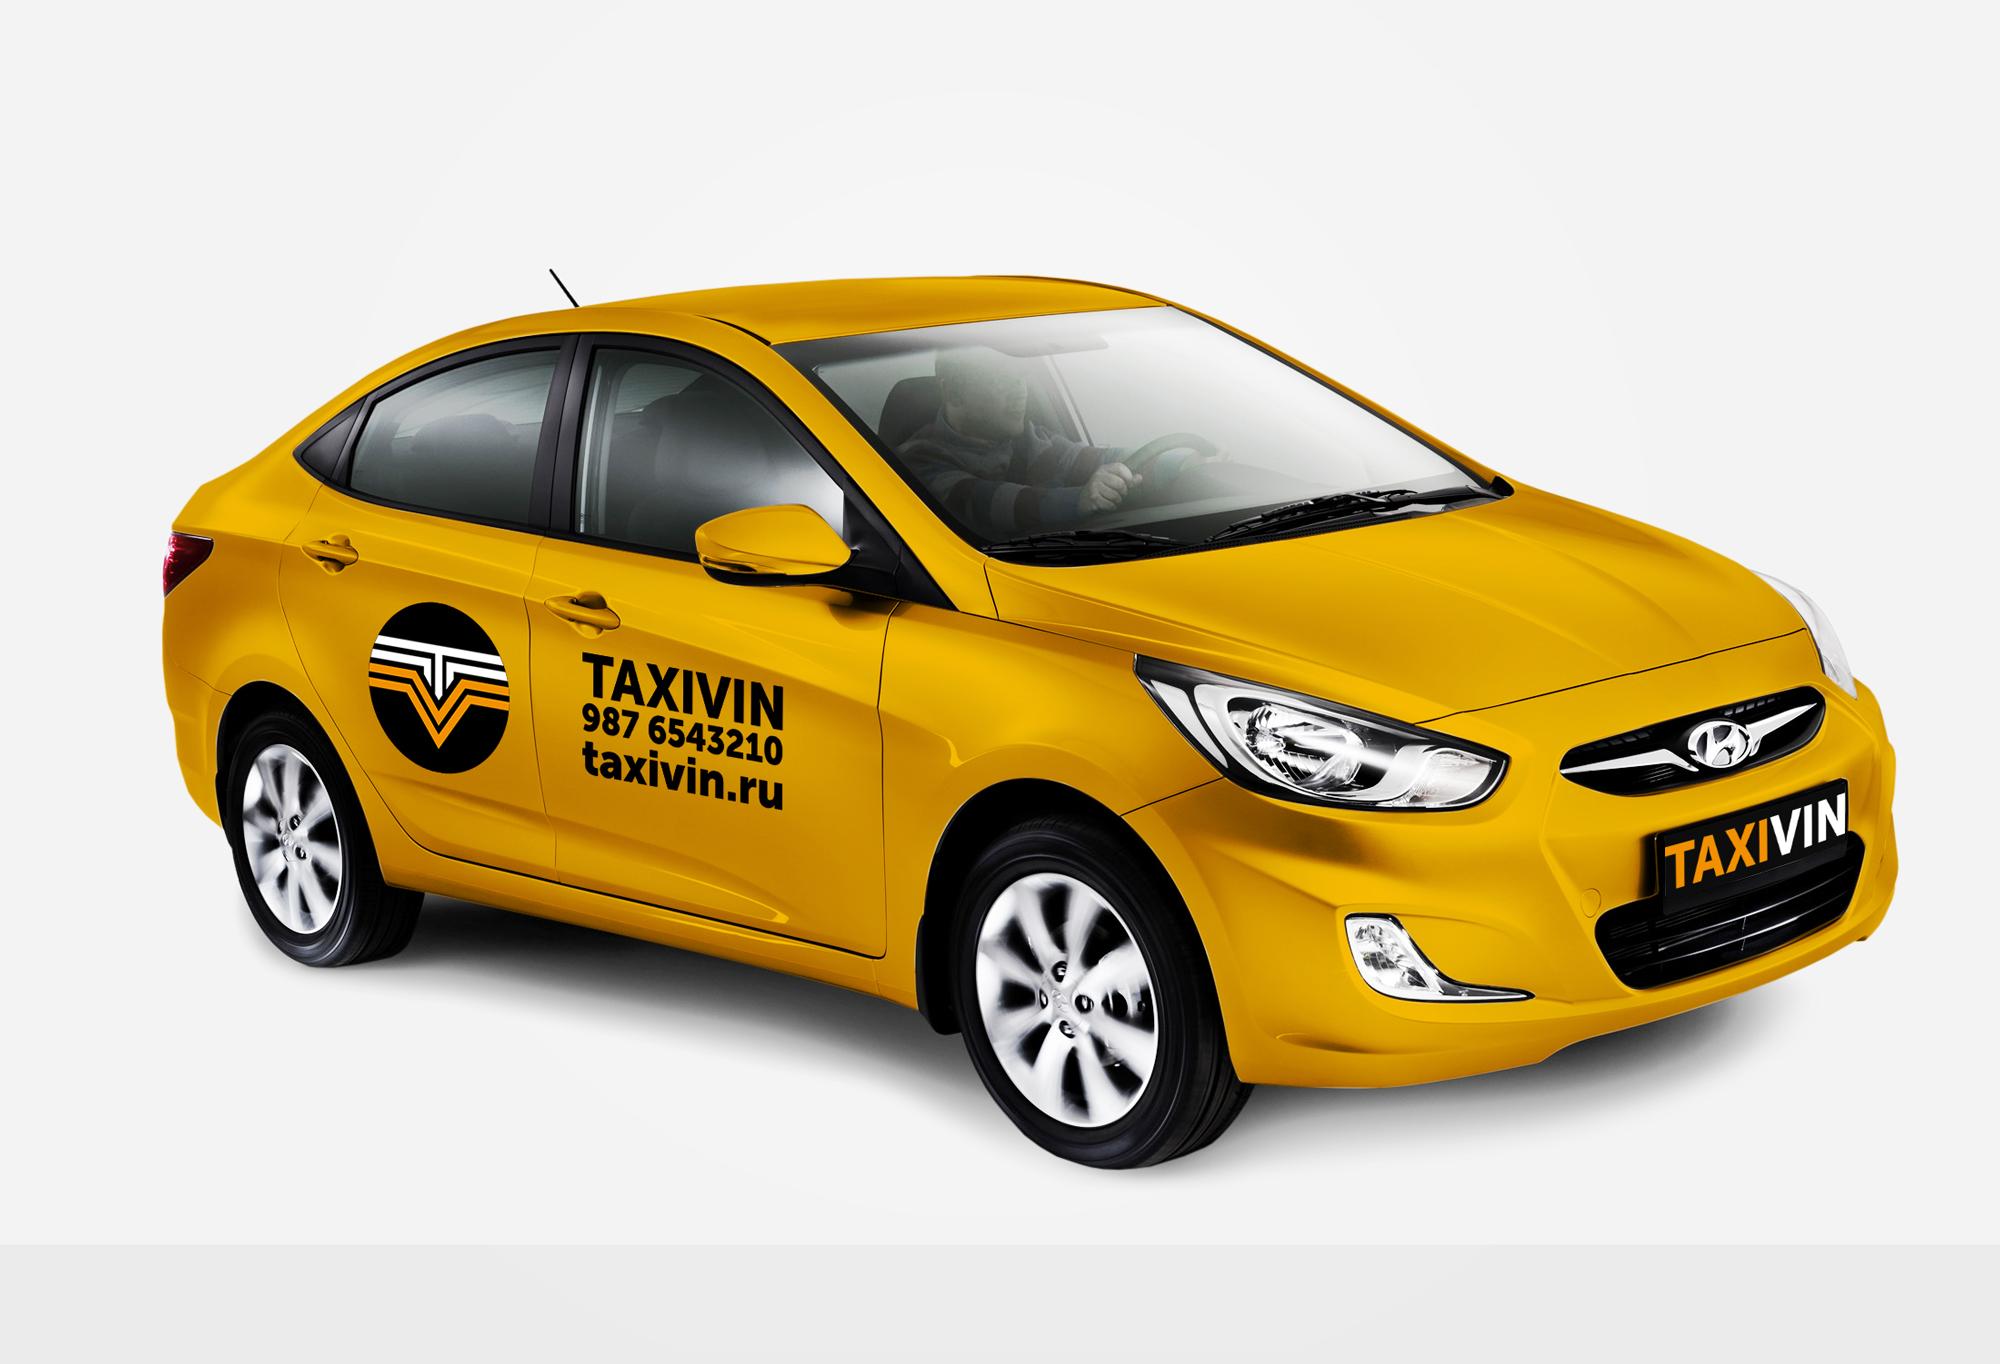 Разработка логотипа и фирменного стиля для такси фото f_5685b9e7f34ba8db.jpg